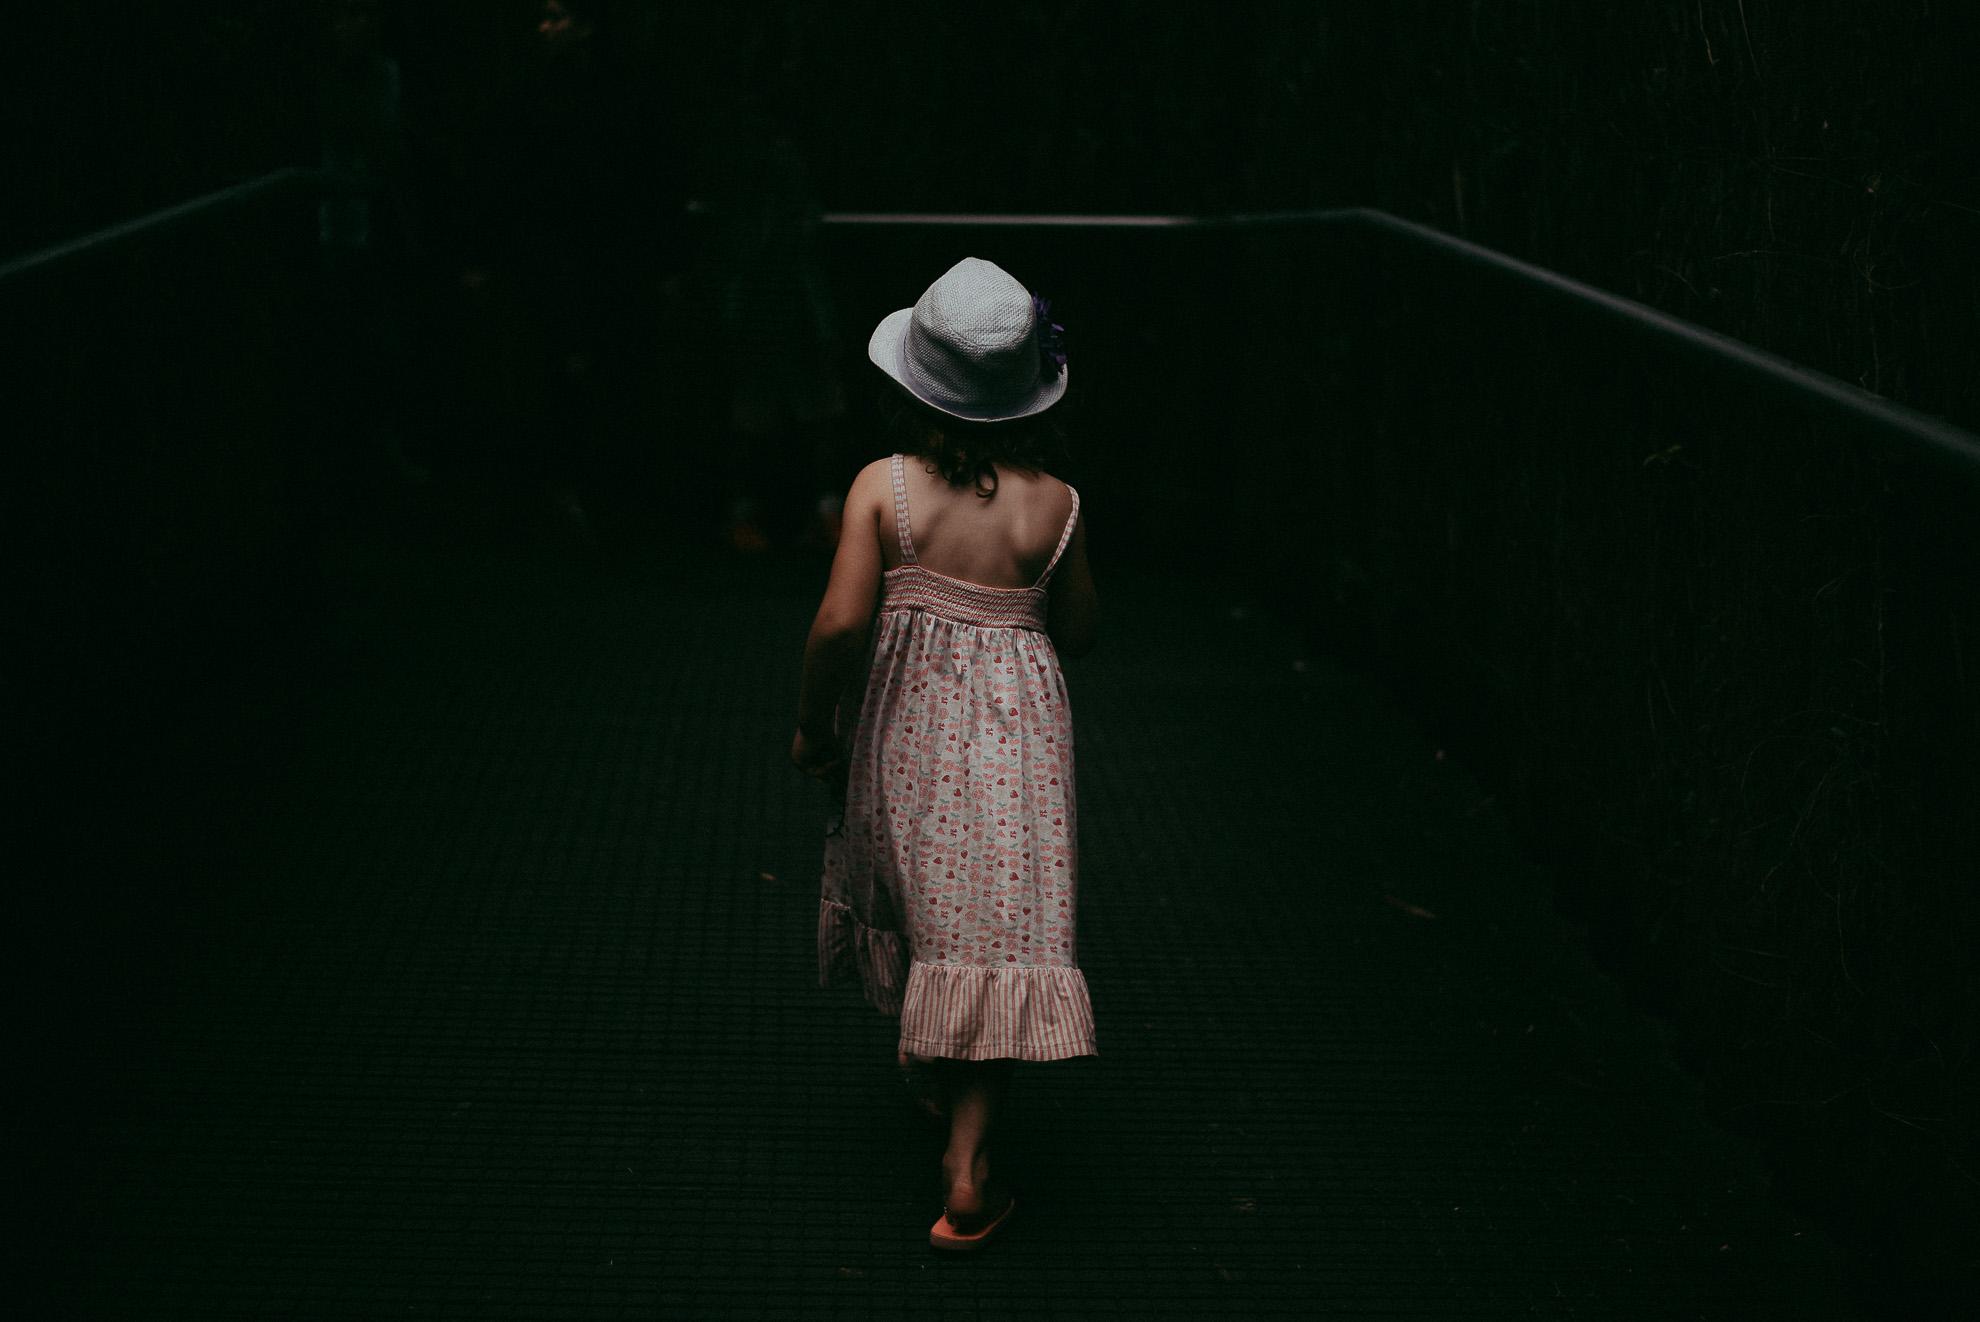 girl walking in the harsh direct light